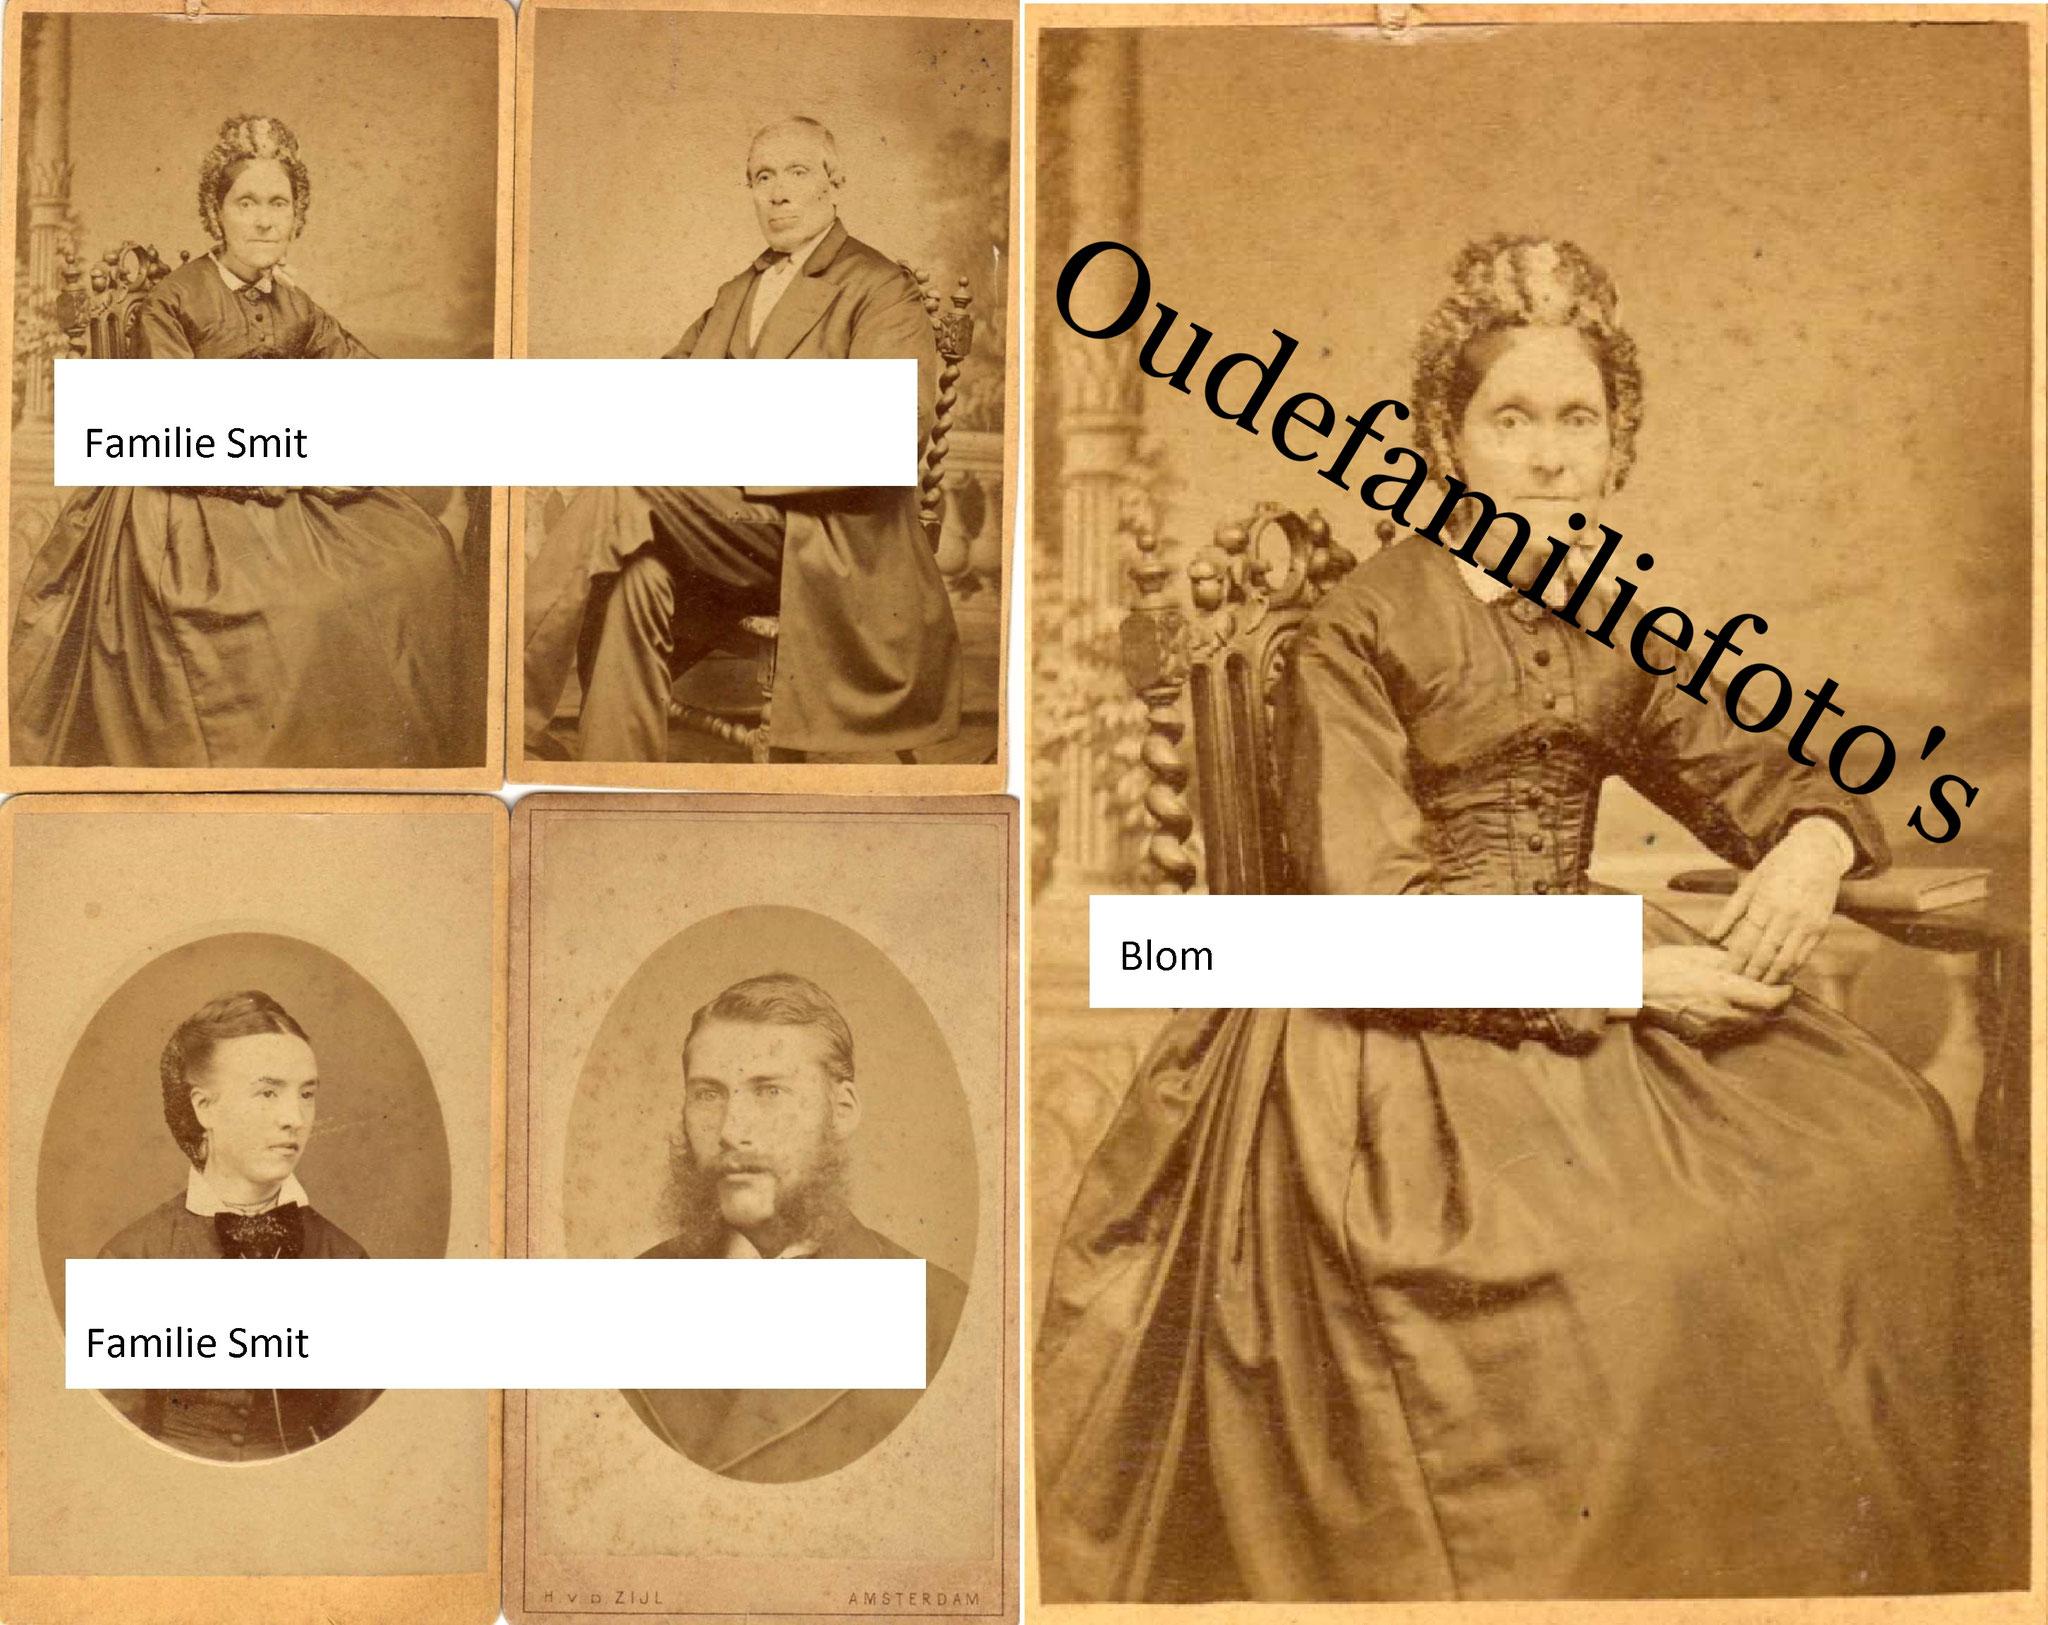 Blom, Anna Maria. Geb. 18-11-1820 Haarlem. Ovl. 3-5-1899 Zaandam. Getrouwd 29-9-1841 met Barend Frederik Smit. € gratis voor aantoonbare familie